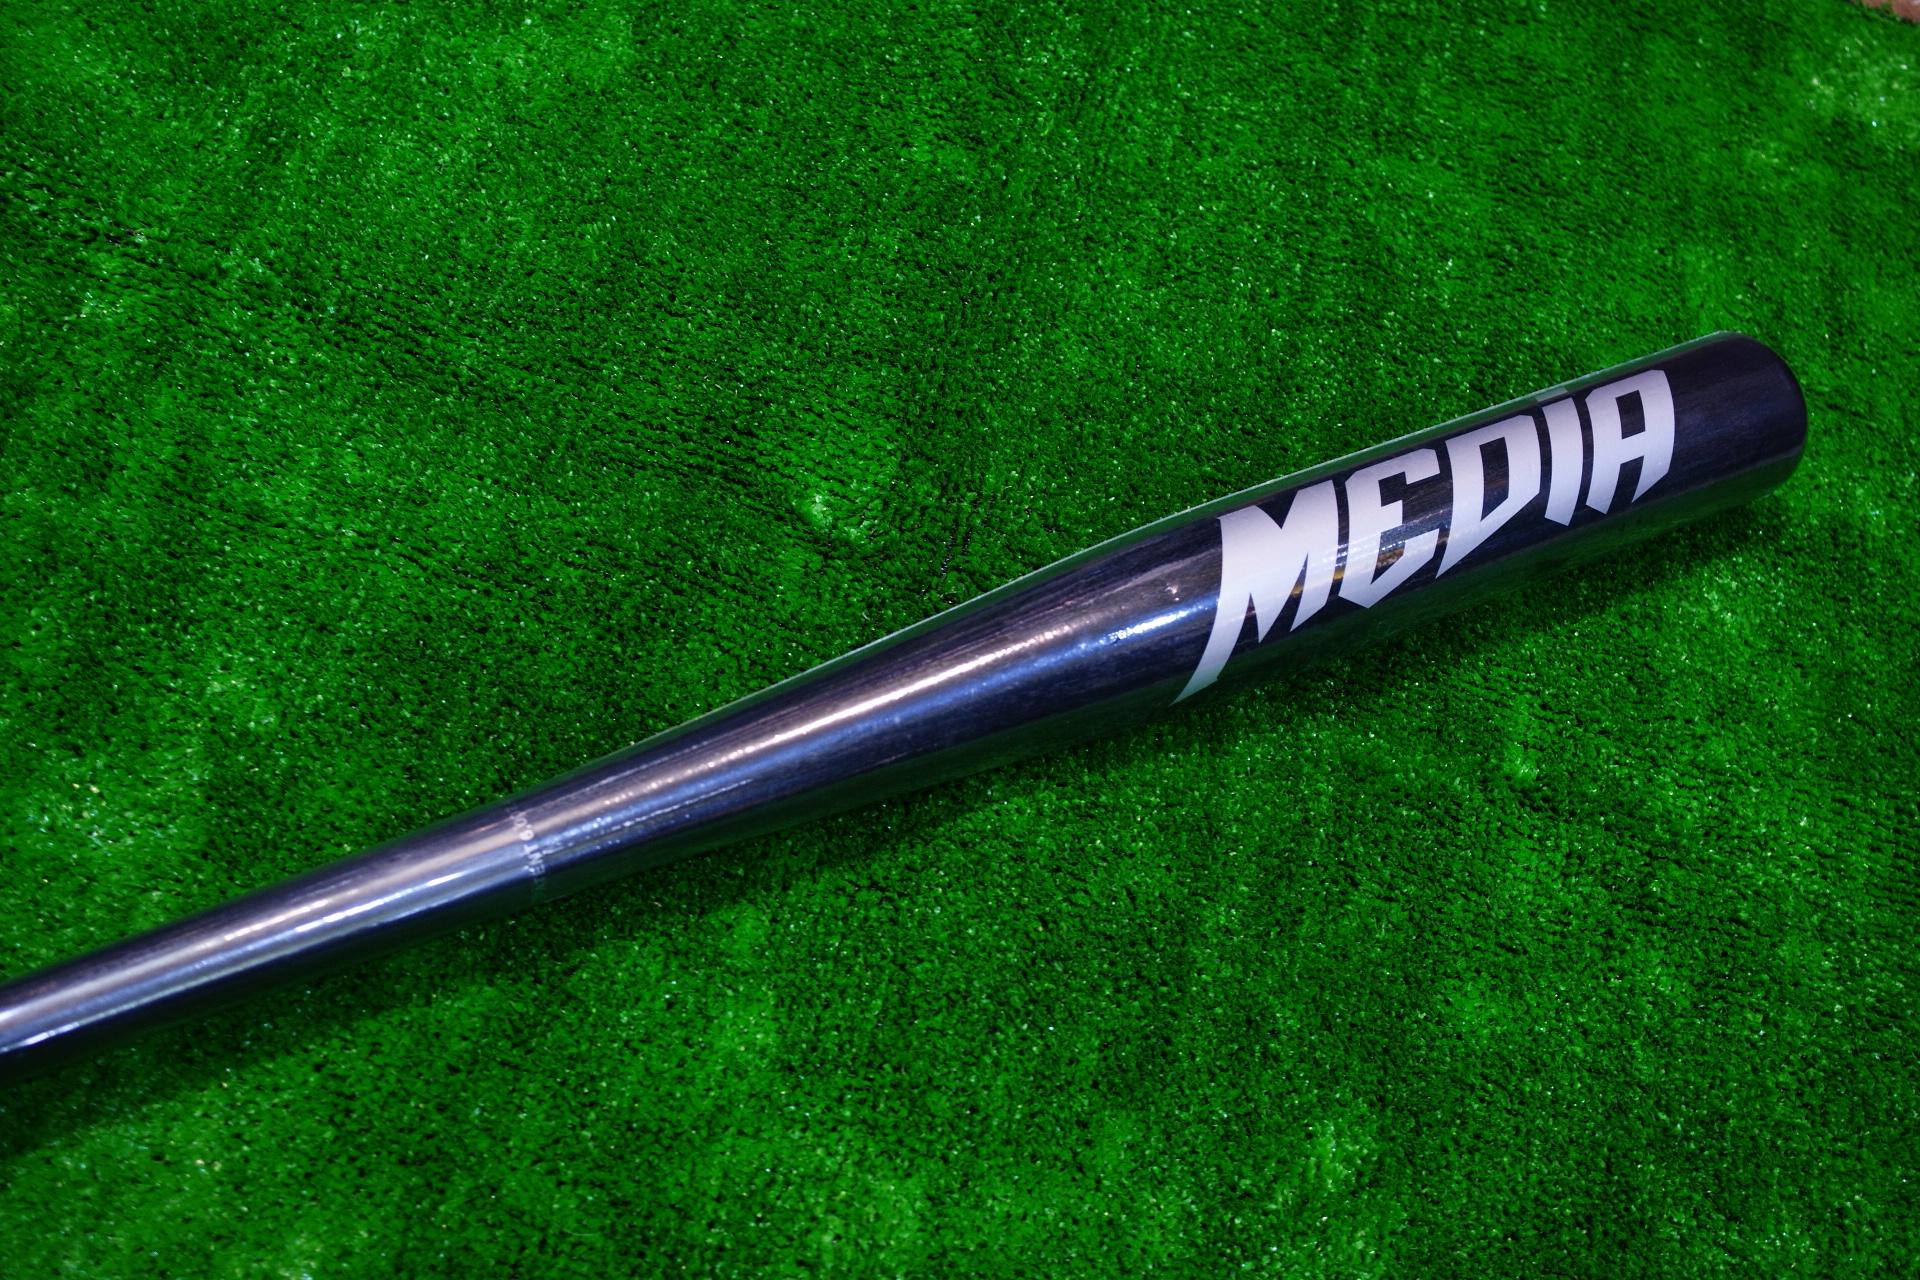 棒球世界全新MEDIA加拿大楓木慢速壘球棒 特價 5折黑色